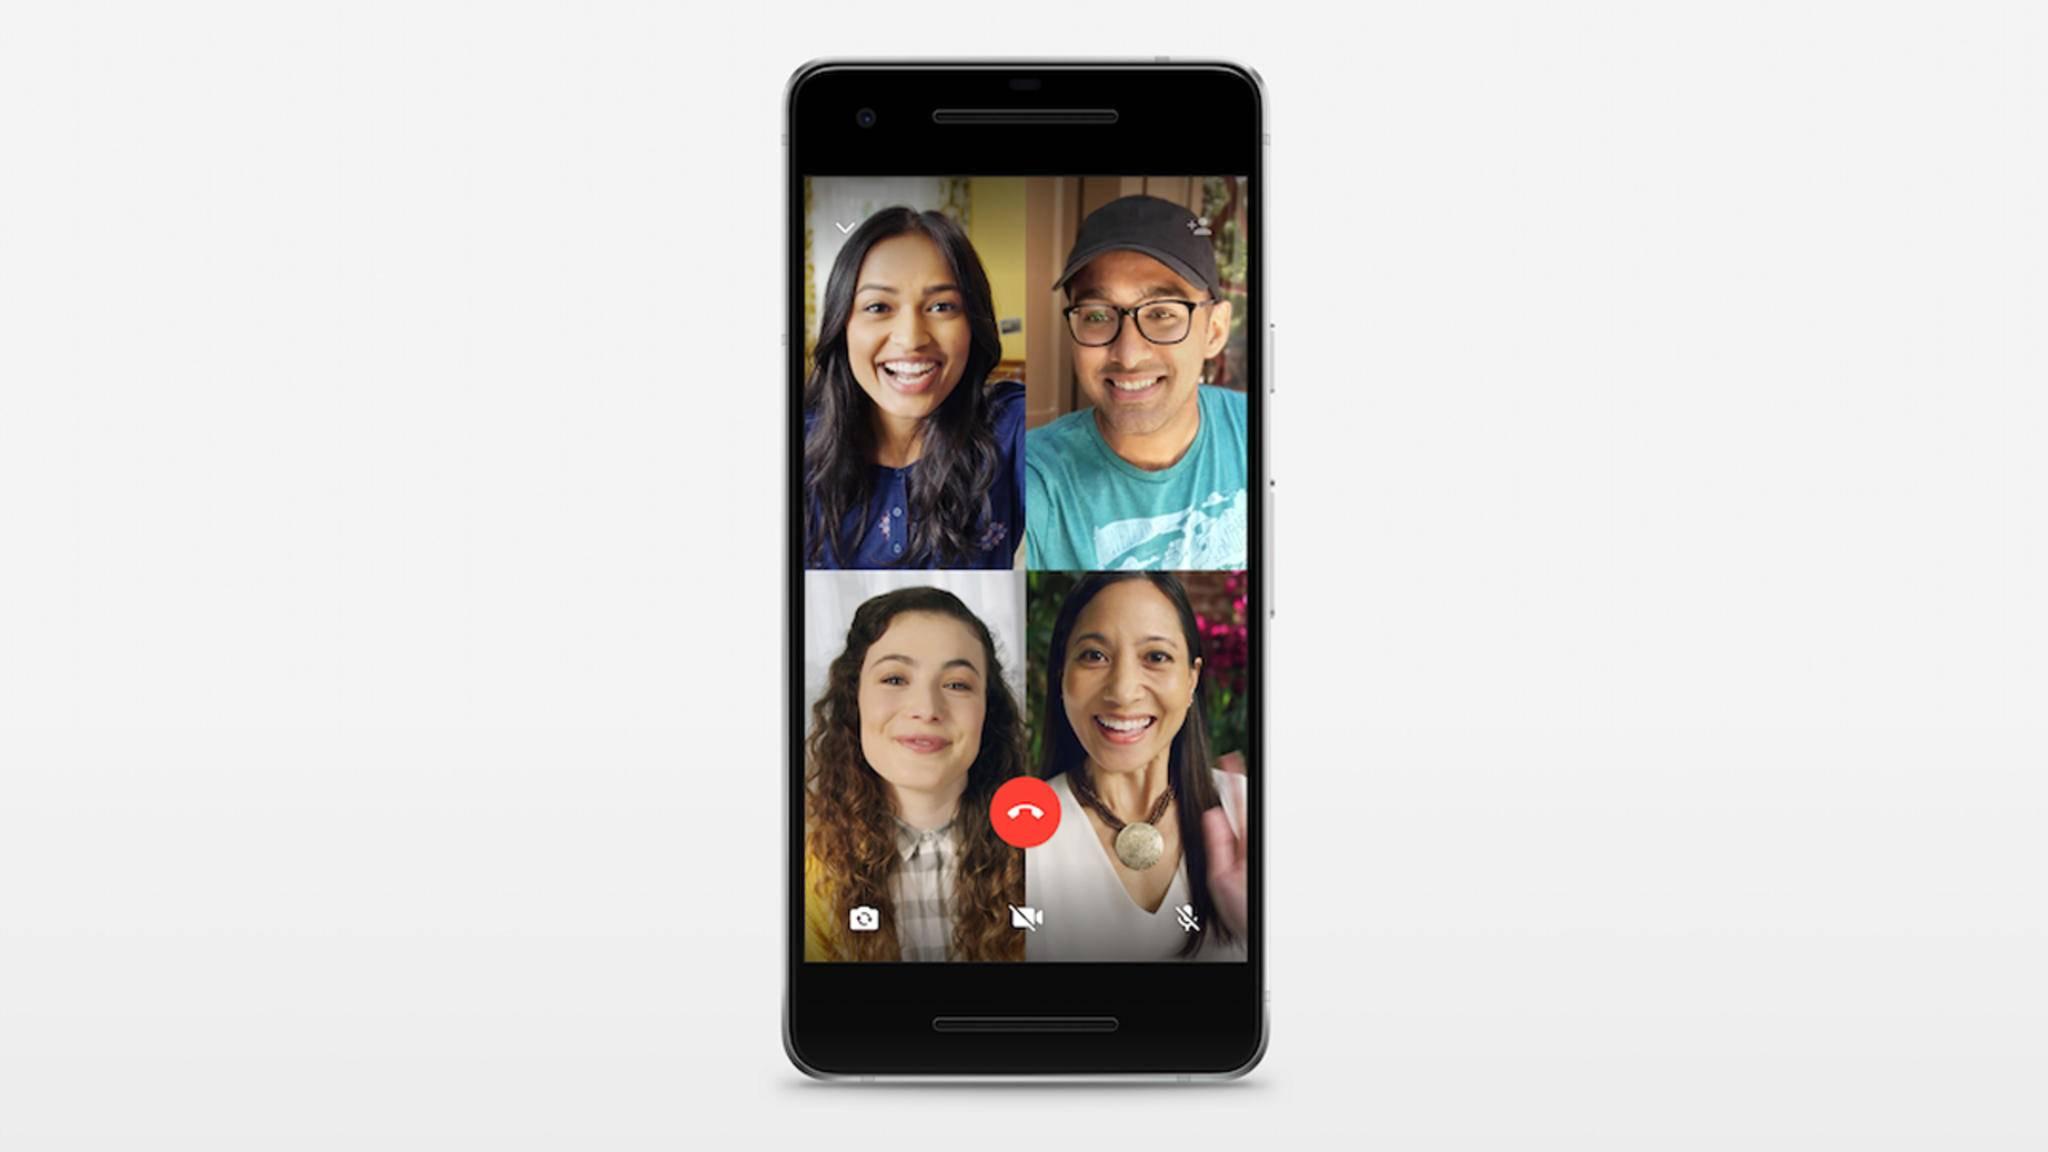 WhatsApp bietet jetzt Sprach- und Videoanrufe für Gruppen.